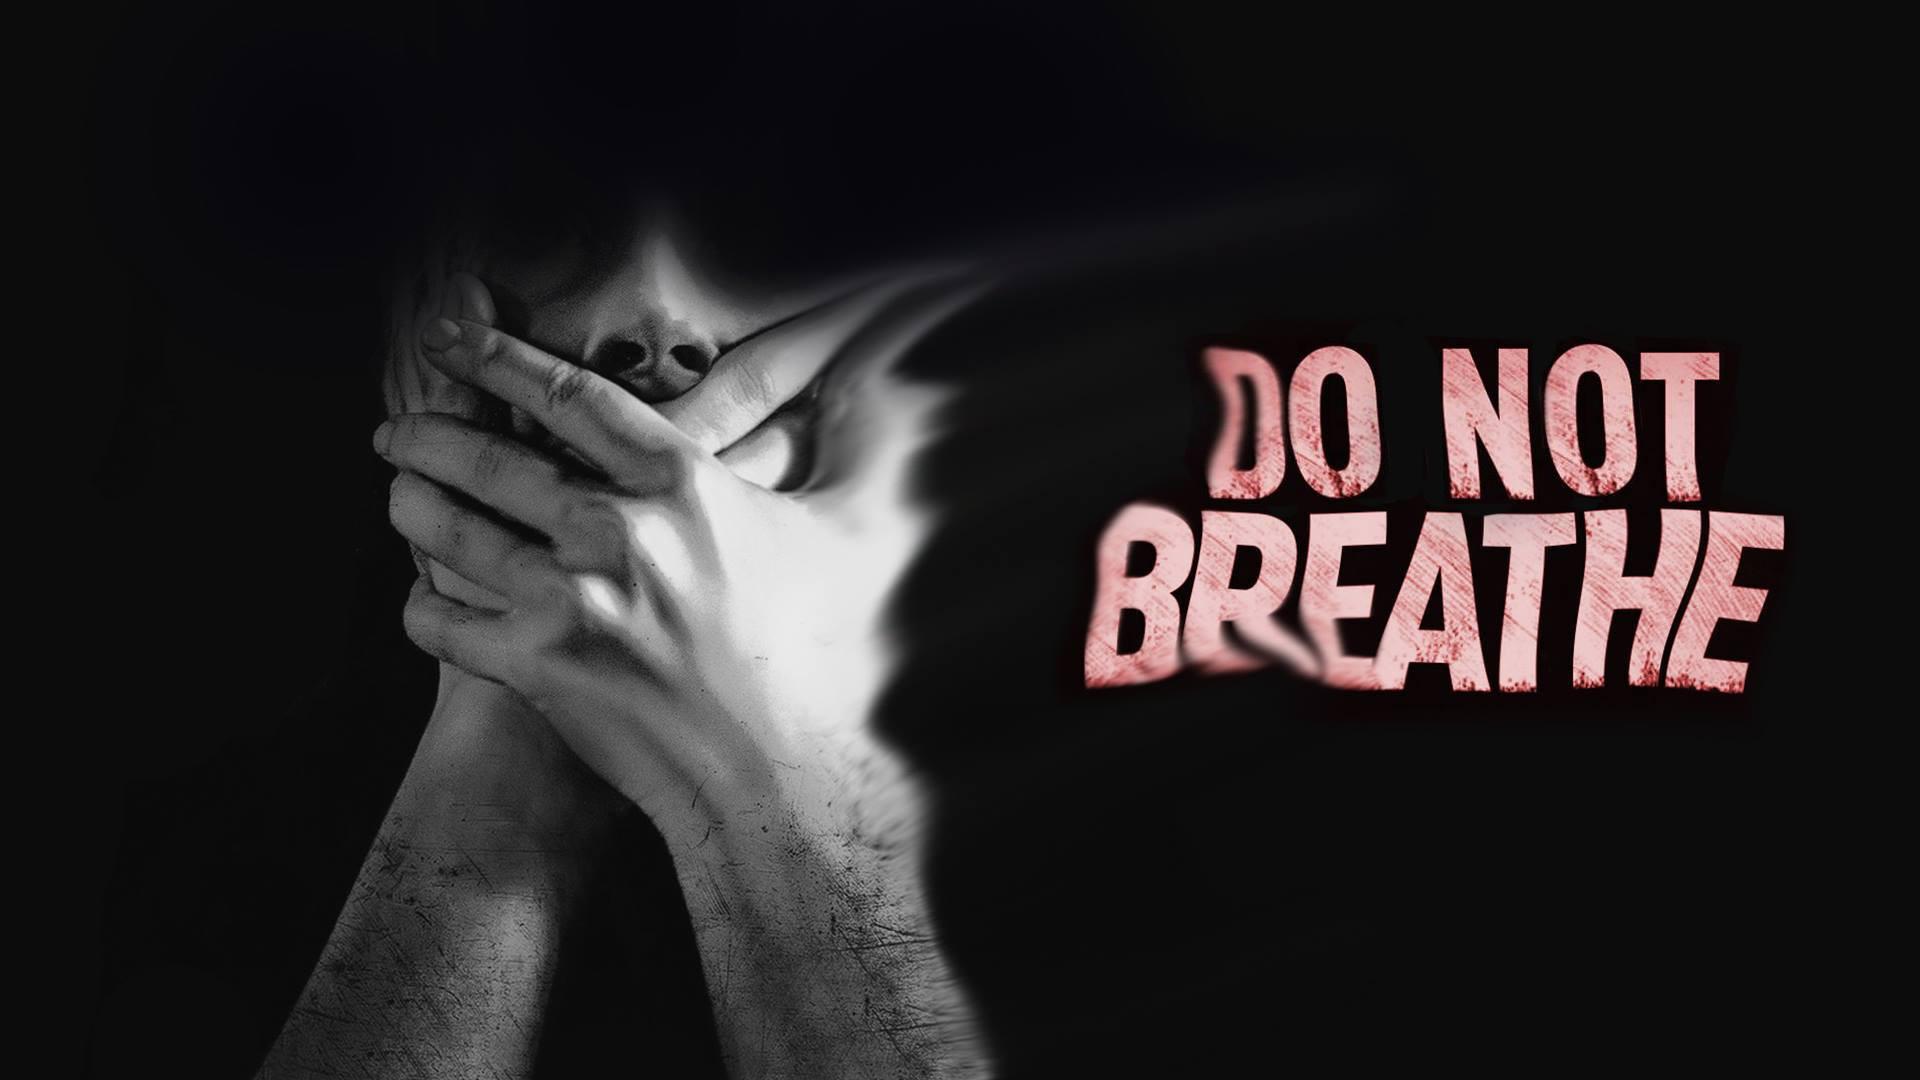 DO NOT BREATHE